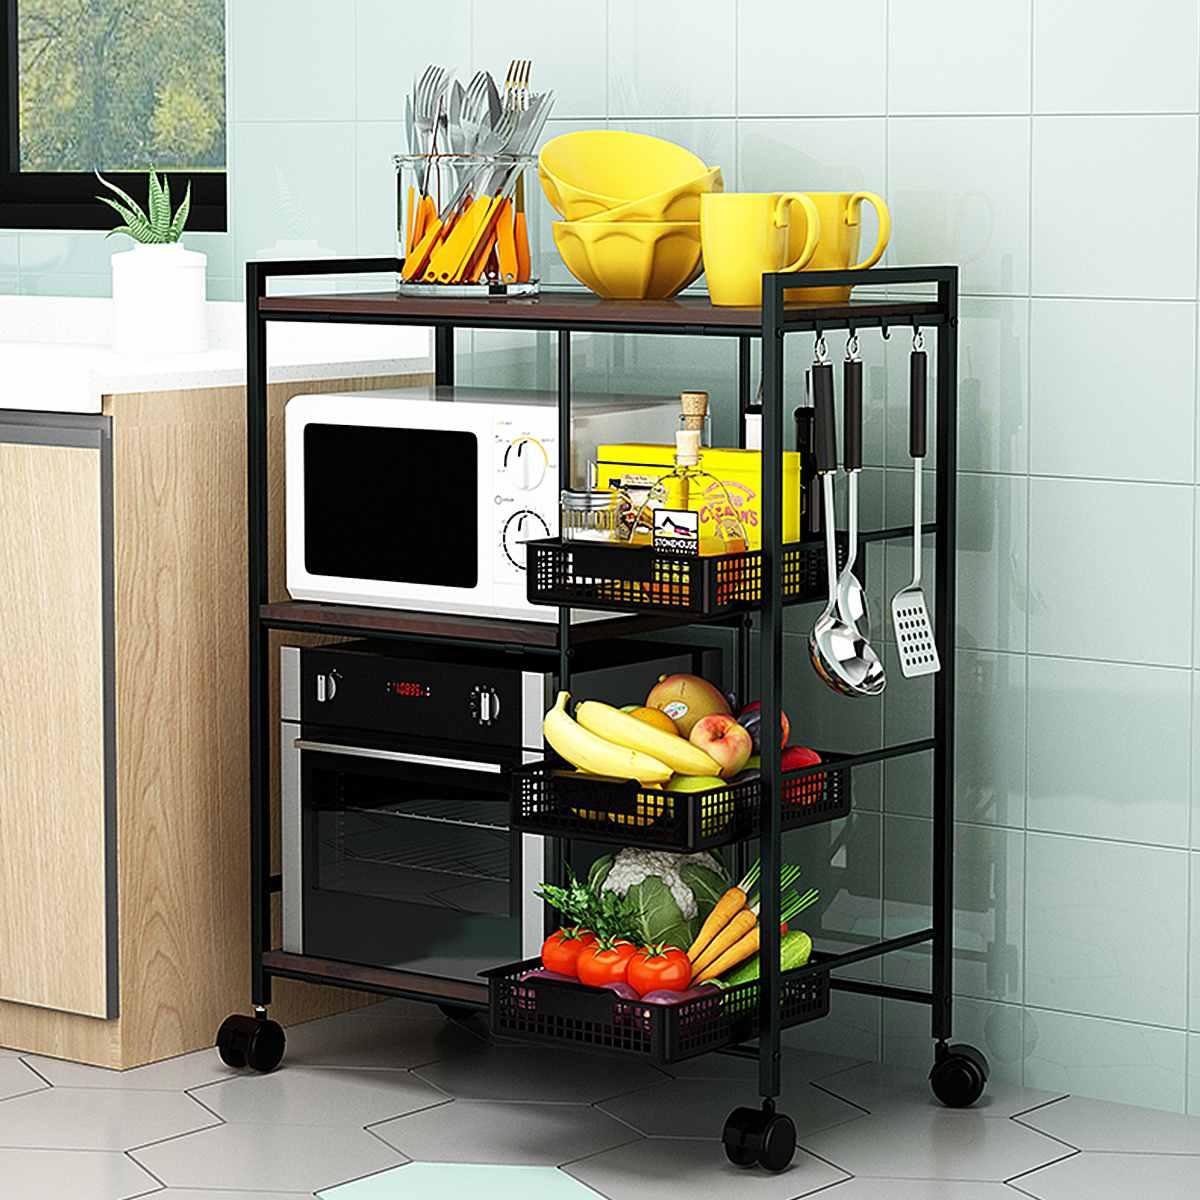 متعددة الطبقات عربة المطبخ الخبازين رف مع عجلات الفواكه الخضار سلال المنقولة المايكرويف حامل التخزين المنظم